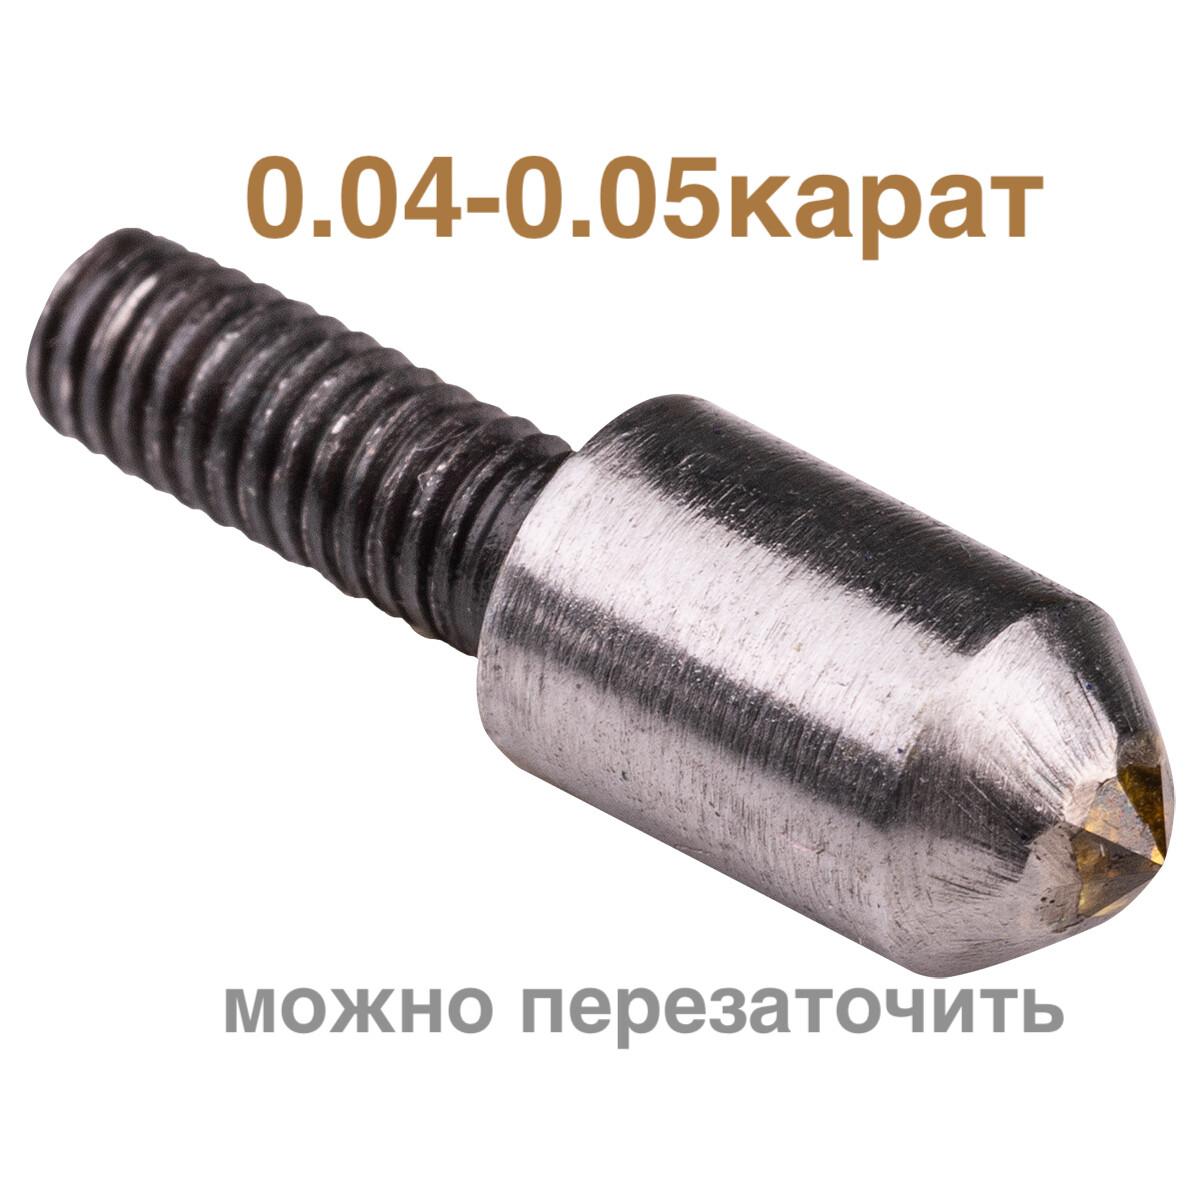 0.04-0.05ct ЭКСПЕРТ-1 игла алмазная №1